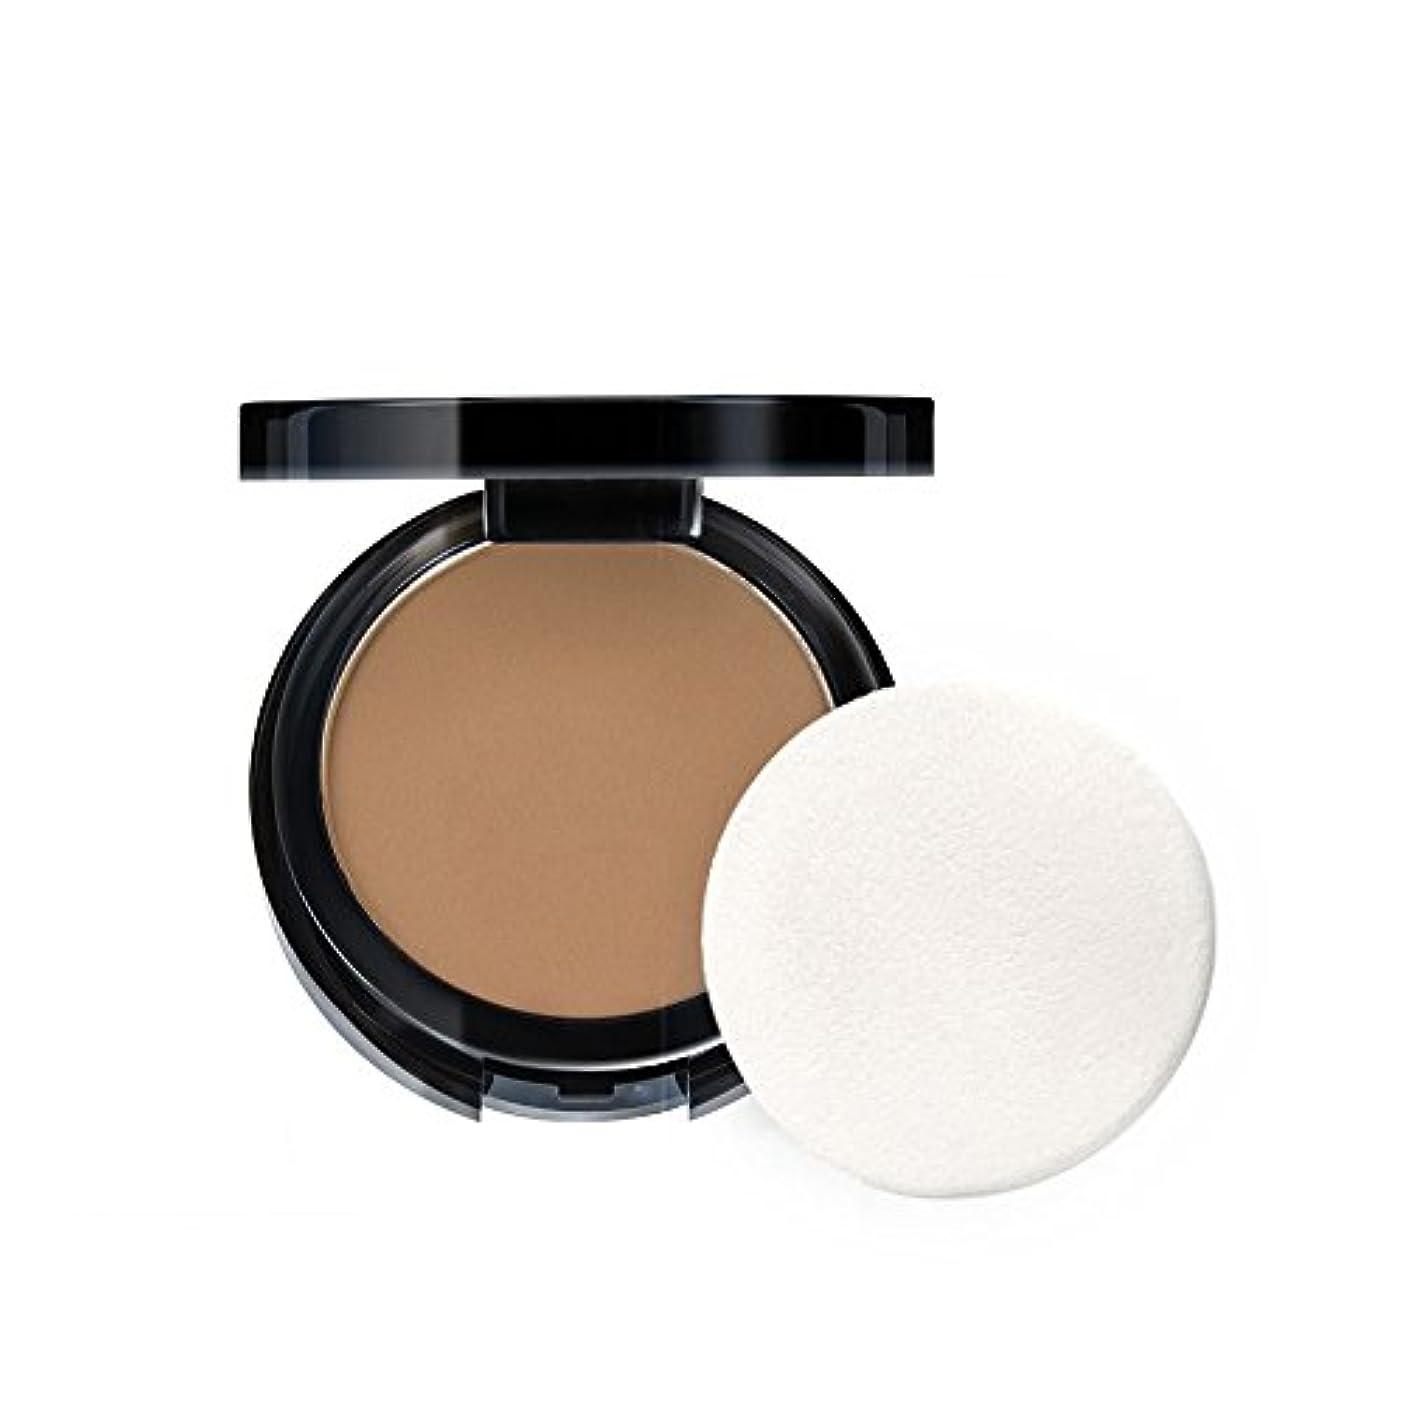 切り離す踊り子拘束する(3 Pack) ABSOLUTE HD Flawless Powder Foundation - Honey Beige (並行輸入品)